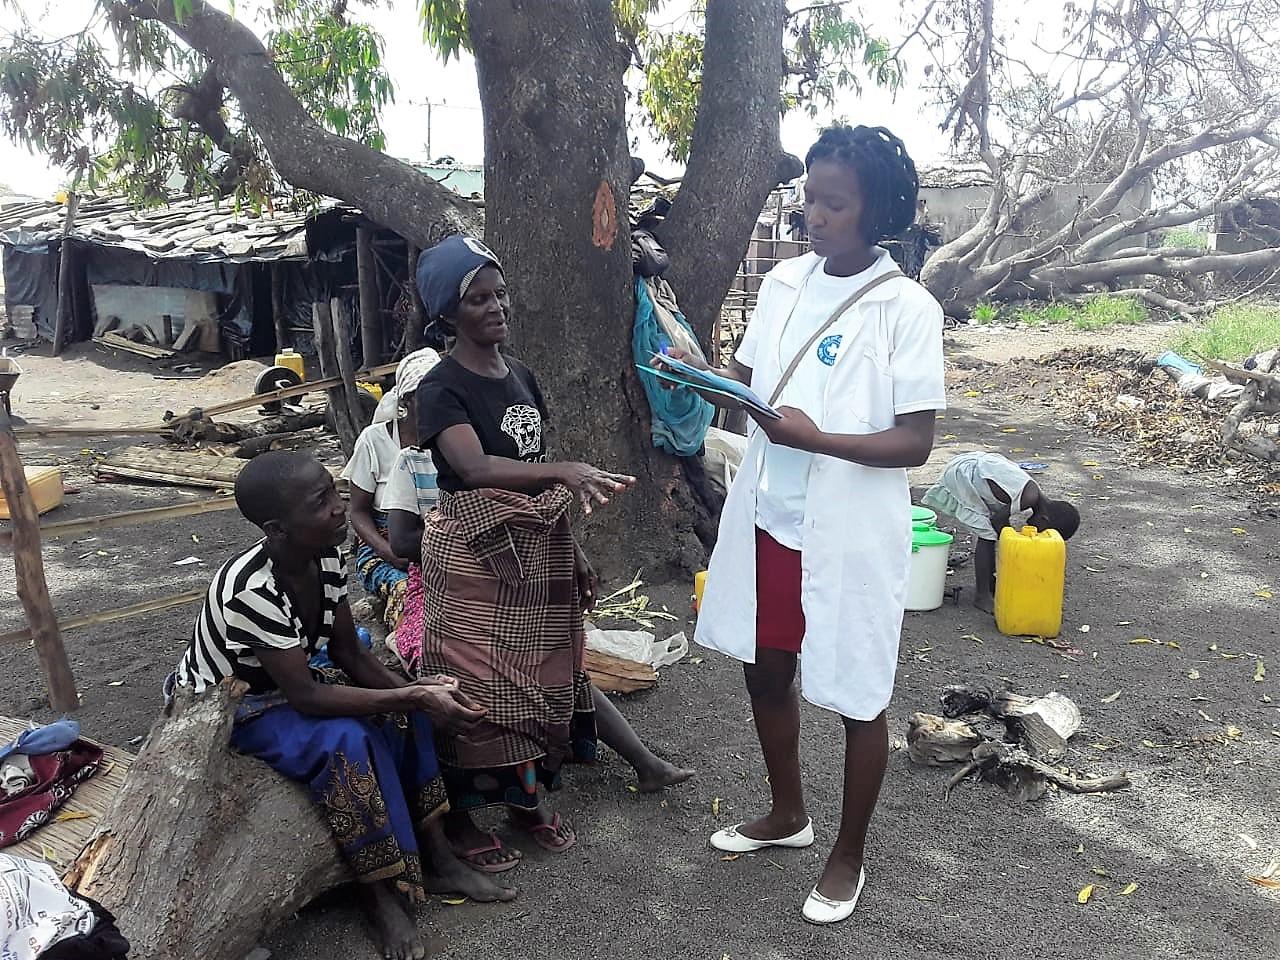 Nach der Sturmkatastrophe in Mosambik leisten Ärzte der Welt der Bevölkerung medizinische Hilfe